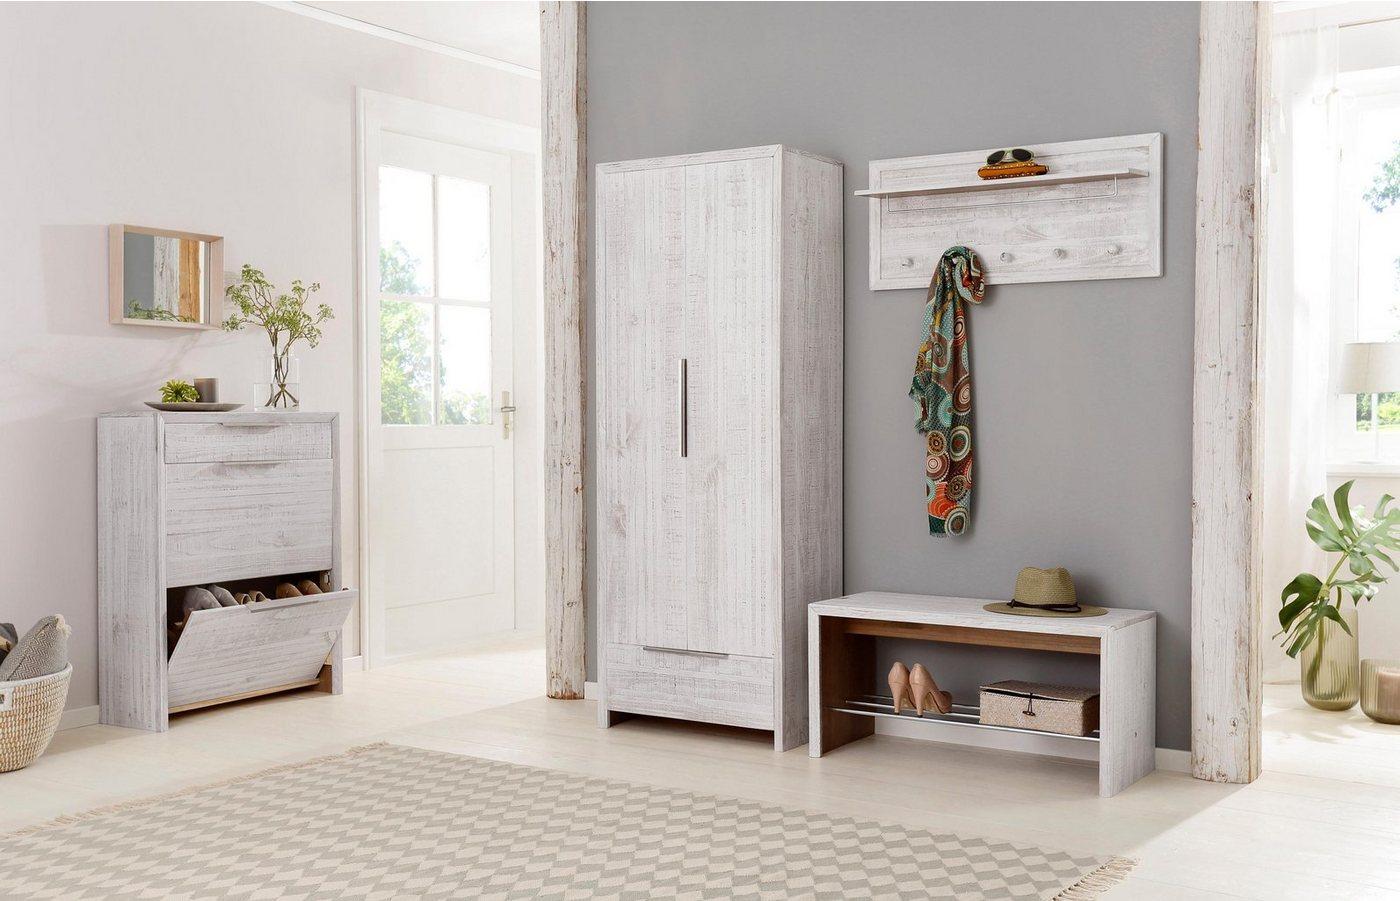 Flurschränke und Regale - Home affaire Garderobenschrank »Auckland« mit 2 Türen und 1 Schubladen, aus massivem Kiefernholz, Höhe 180 cm  - Onlineshop OTTO